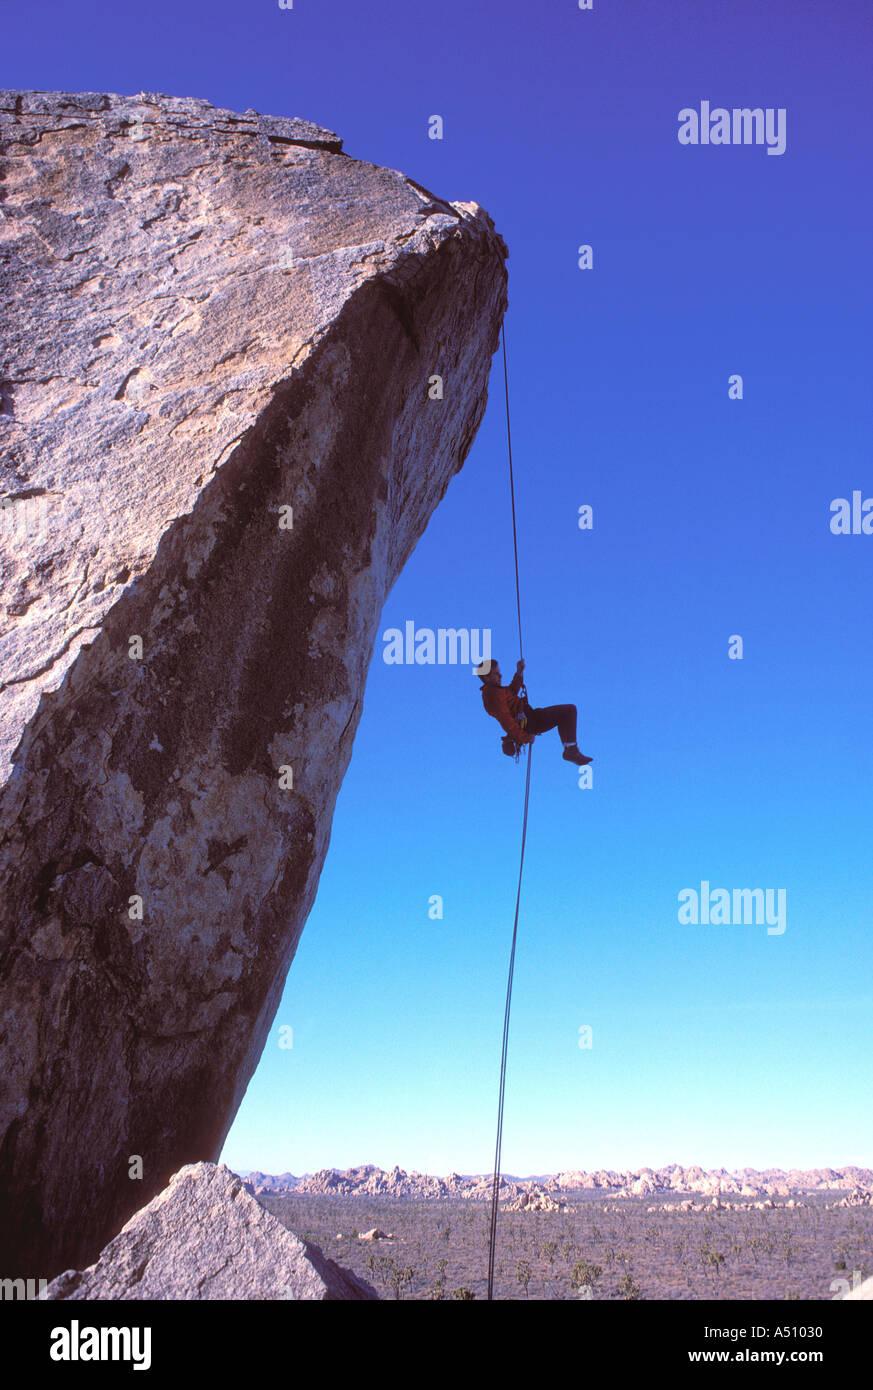 Rock climing hombre rappel fuera de roca con paisaje desértico en Joshua Tree fondo California EE.UU. Imagen De Stock